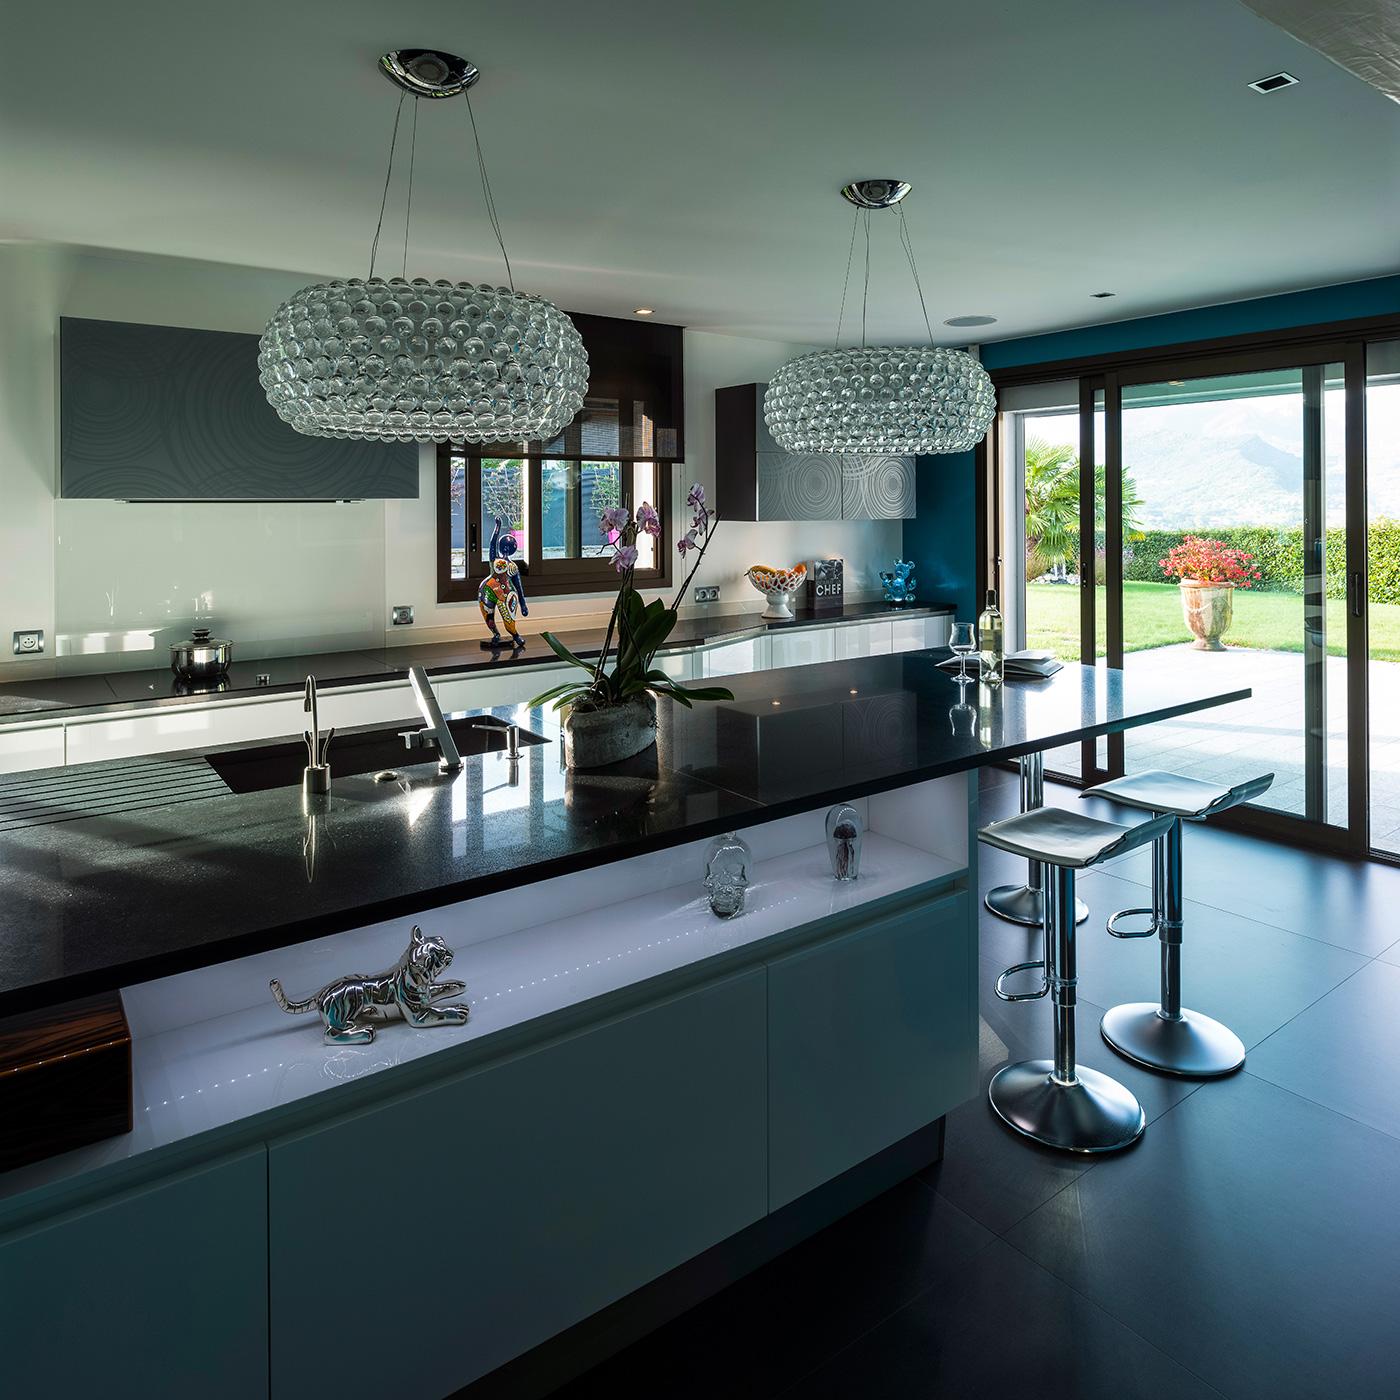 cuisine noire et blanche ricou. Black Bedroom Furniture Sets. Home Design Ideas